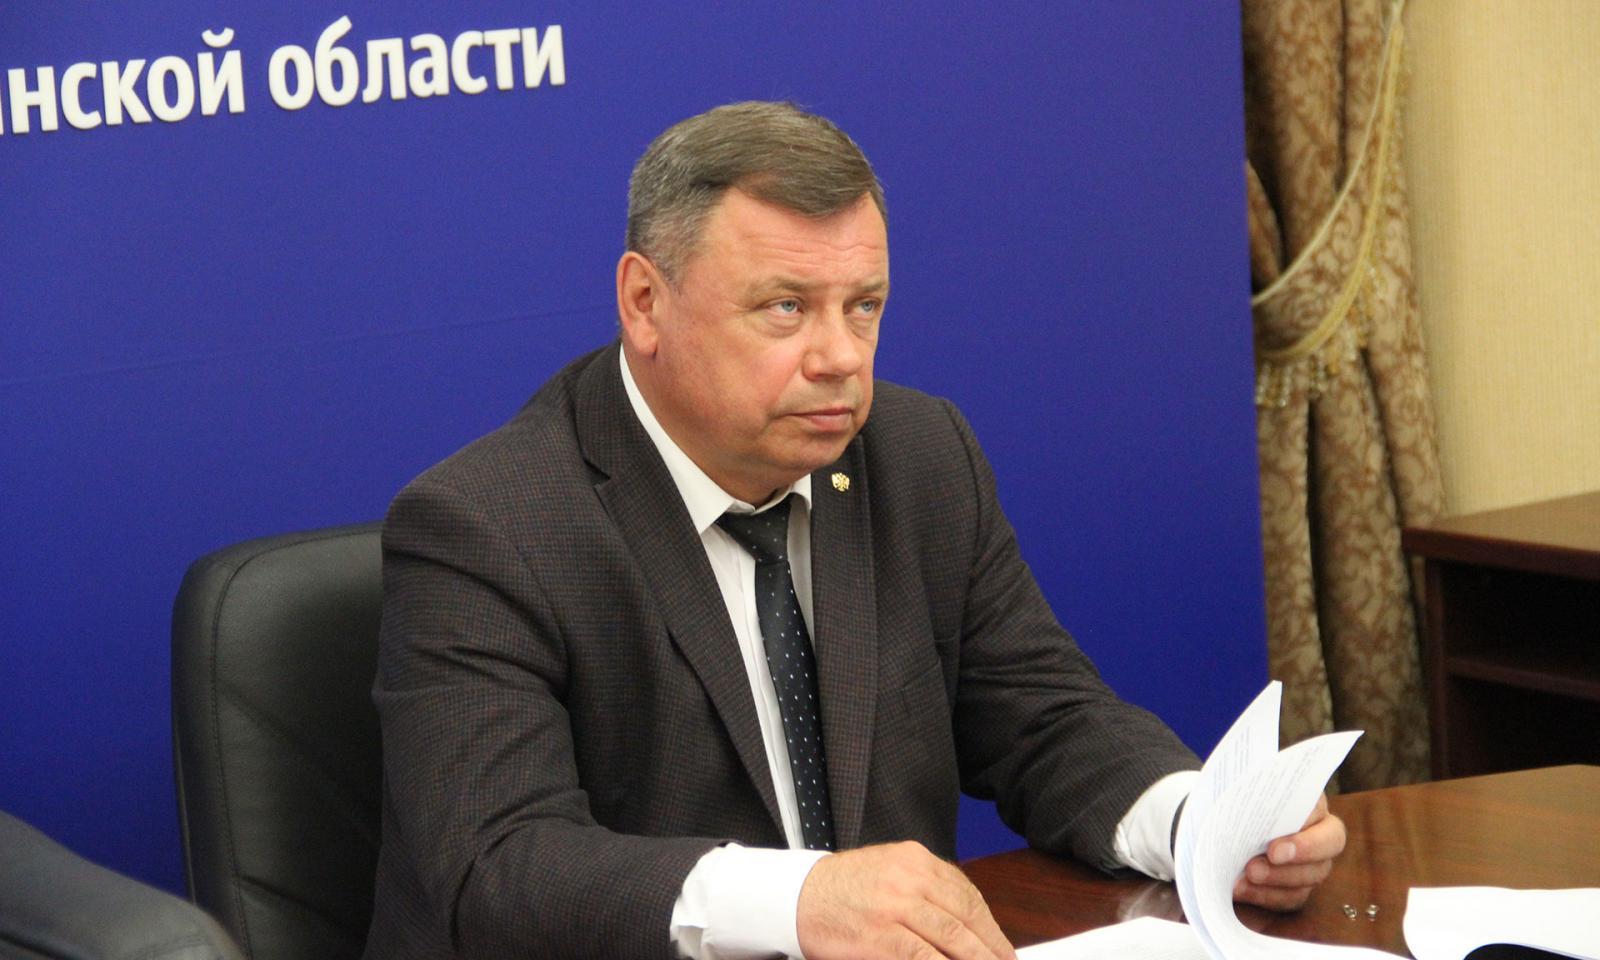 Экзамены и отдых брянских школьников обсудили на всероссийском уровне